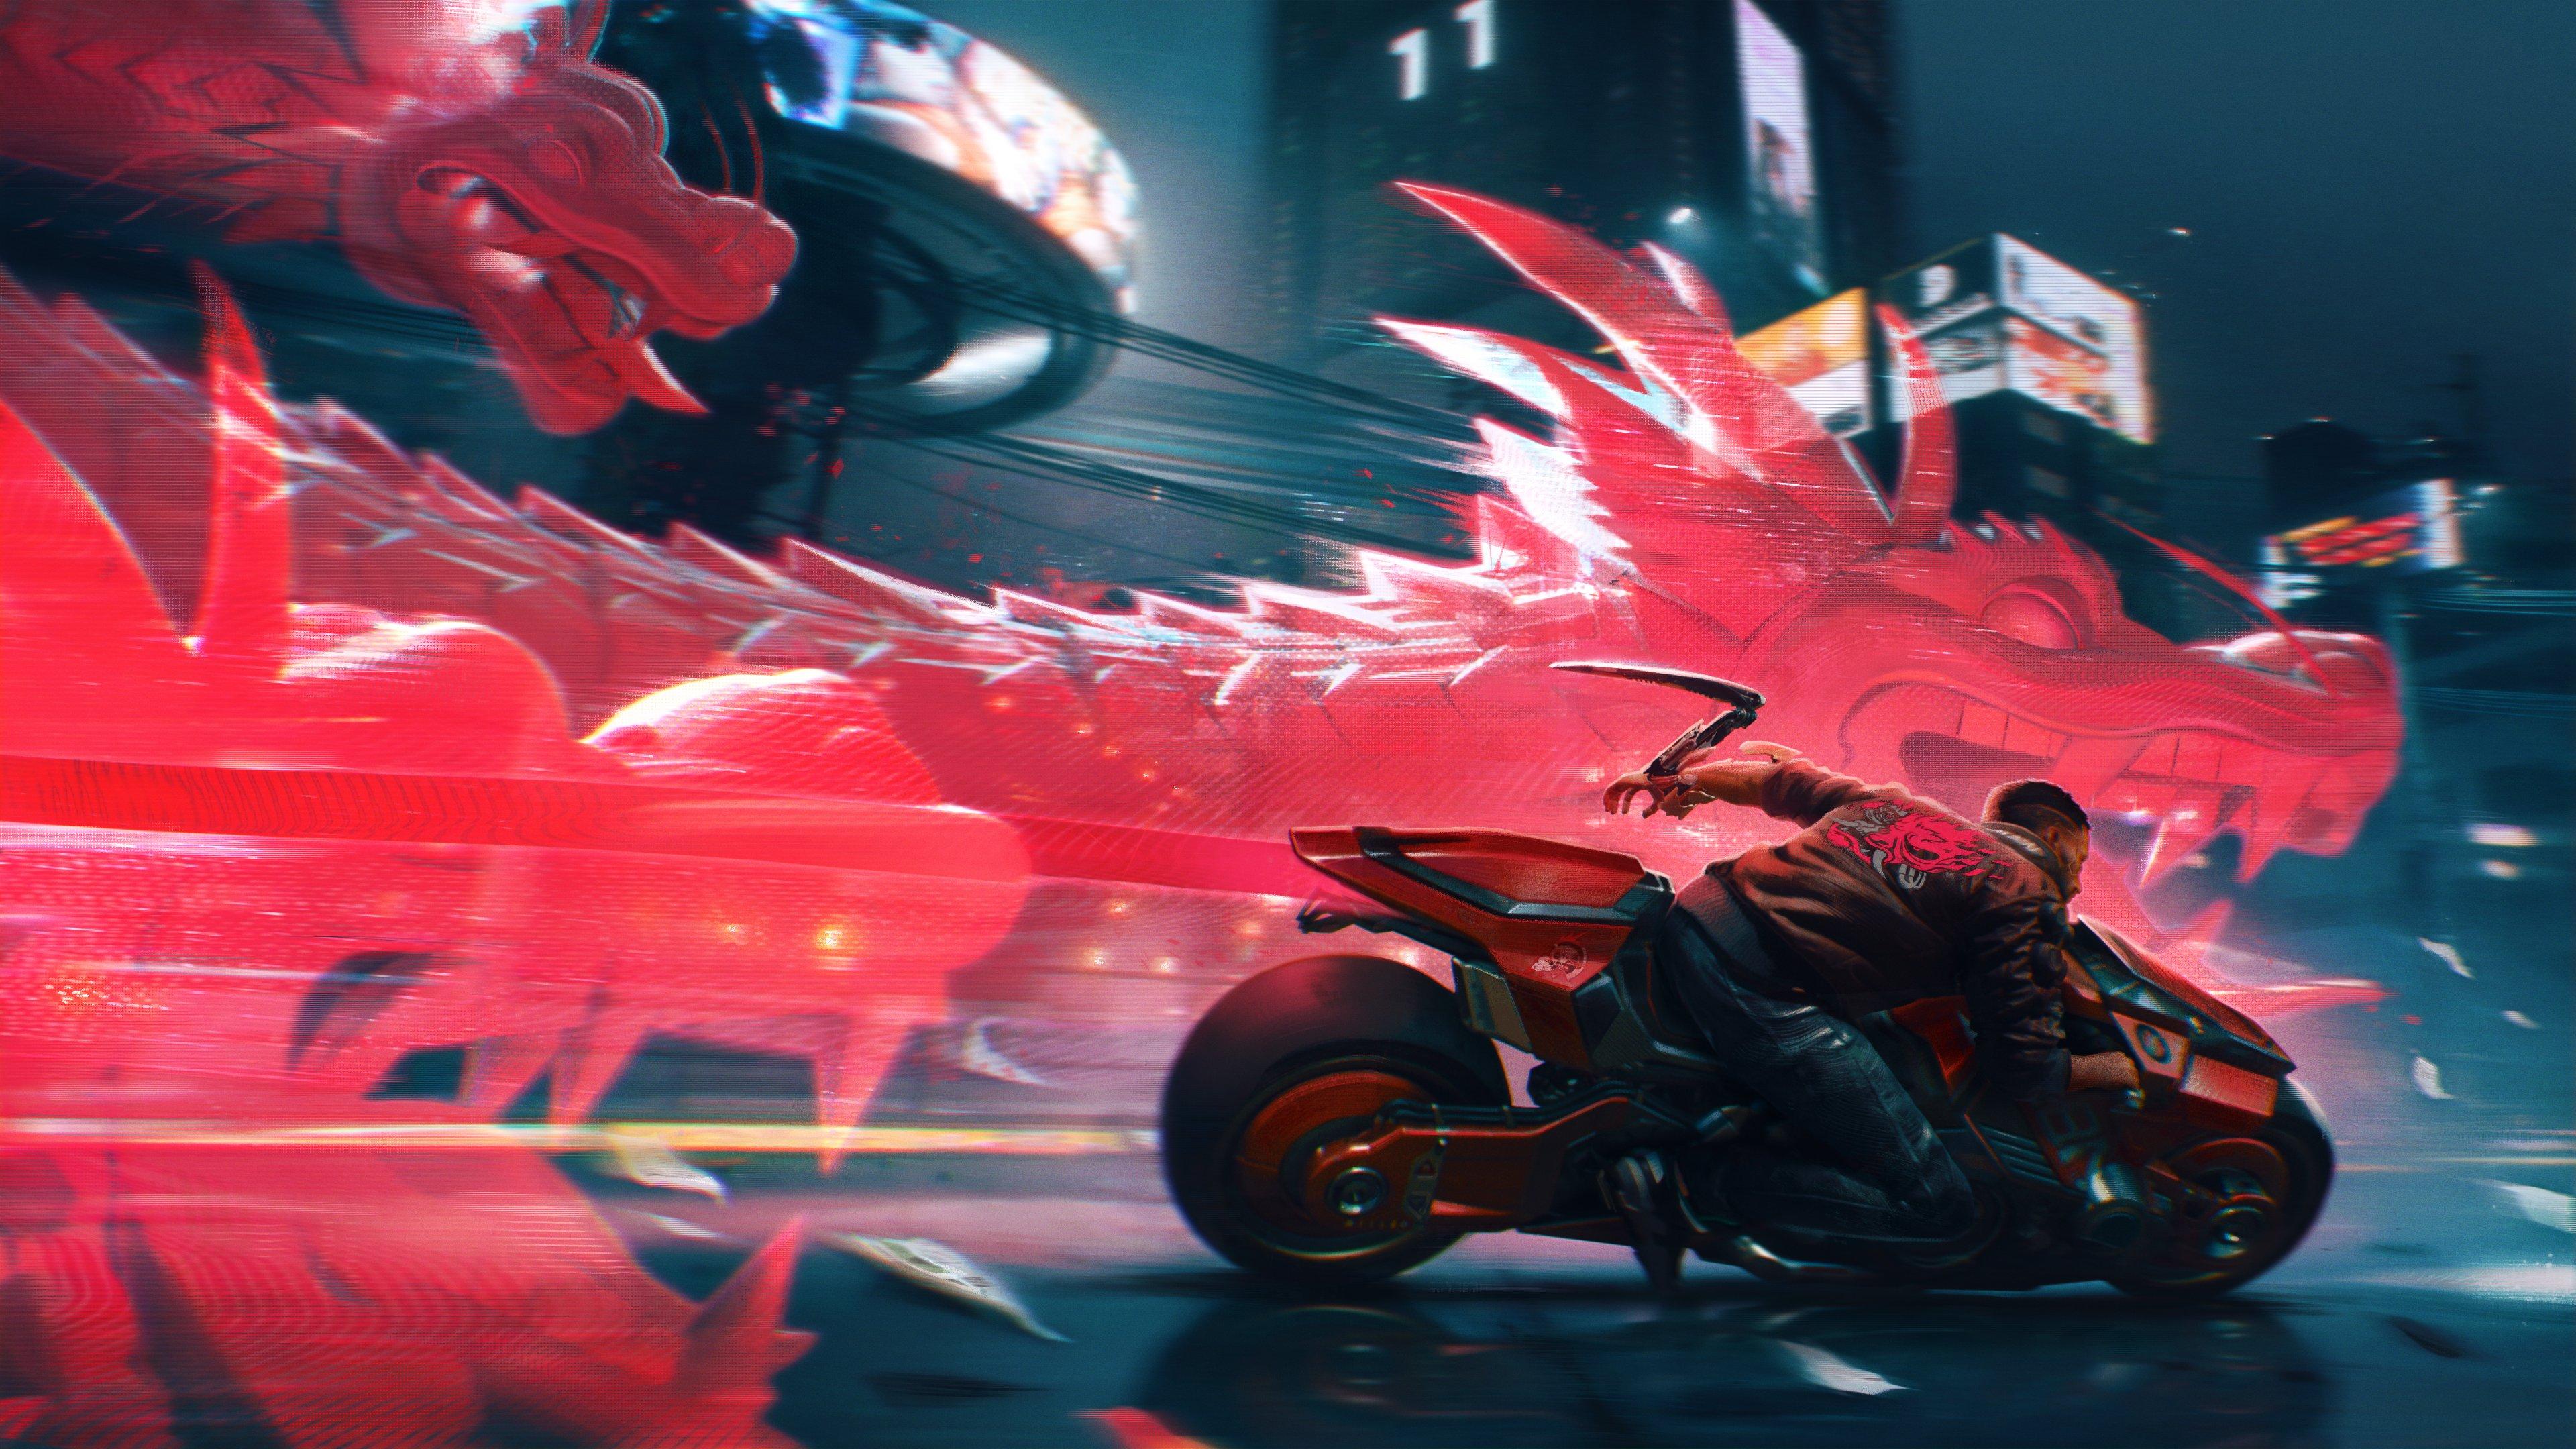 Официальный арт Cyberpunk 2077 в честь китайского праздника драконьих лодок